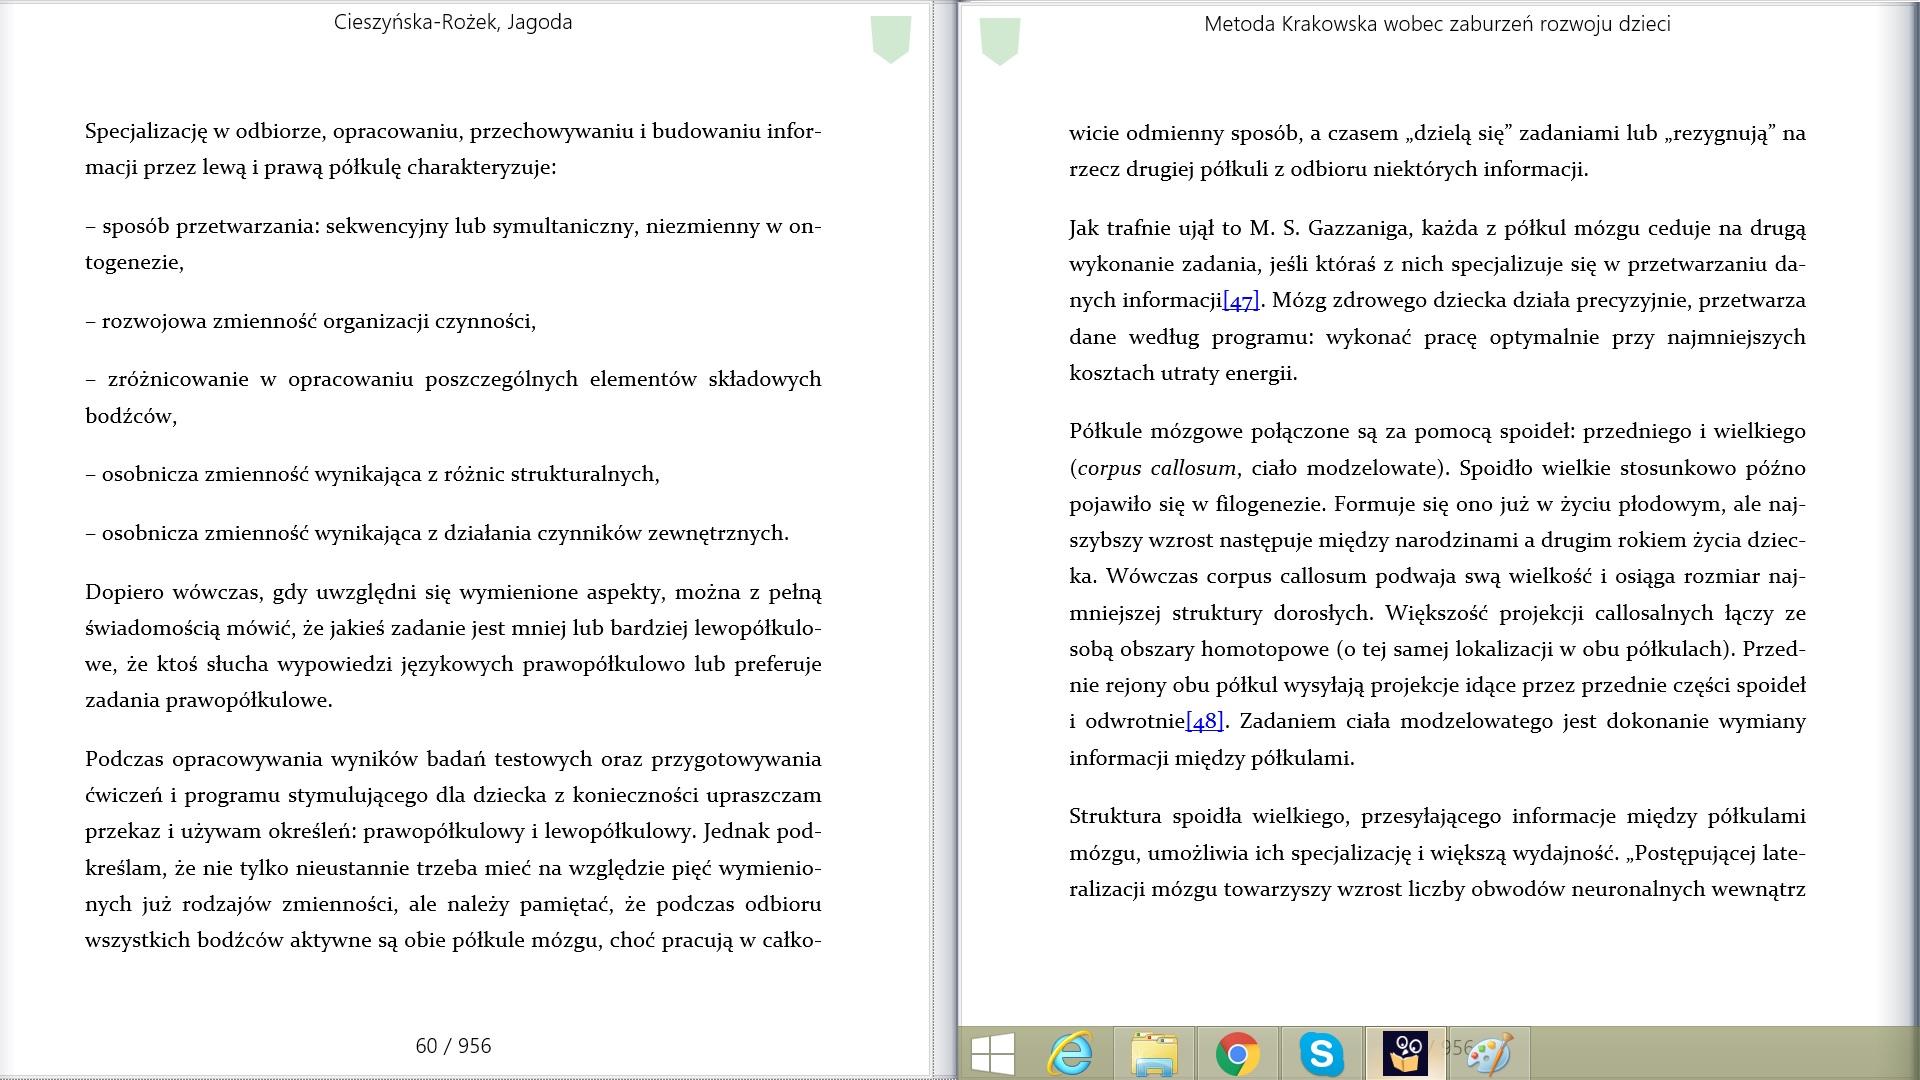 Co jeszcze warto wiedzieć o MK – wywiad z prof. Jagodą Cieszyńską – część trzecia